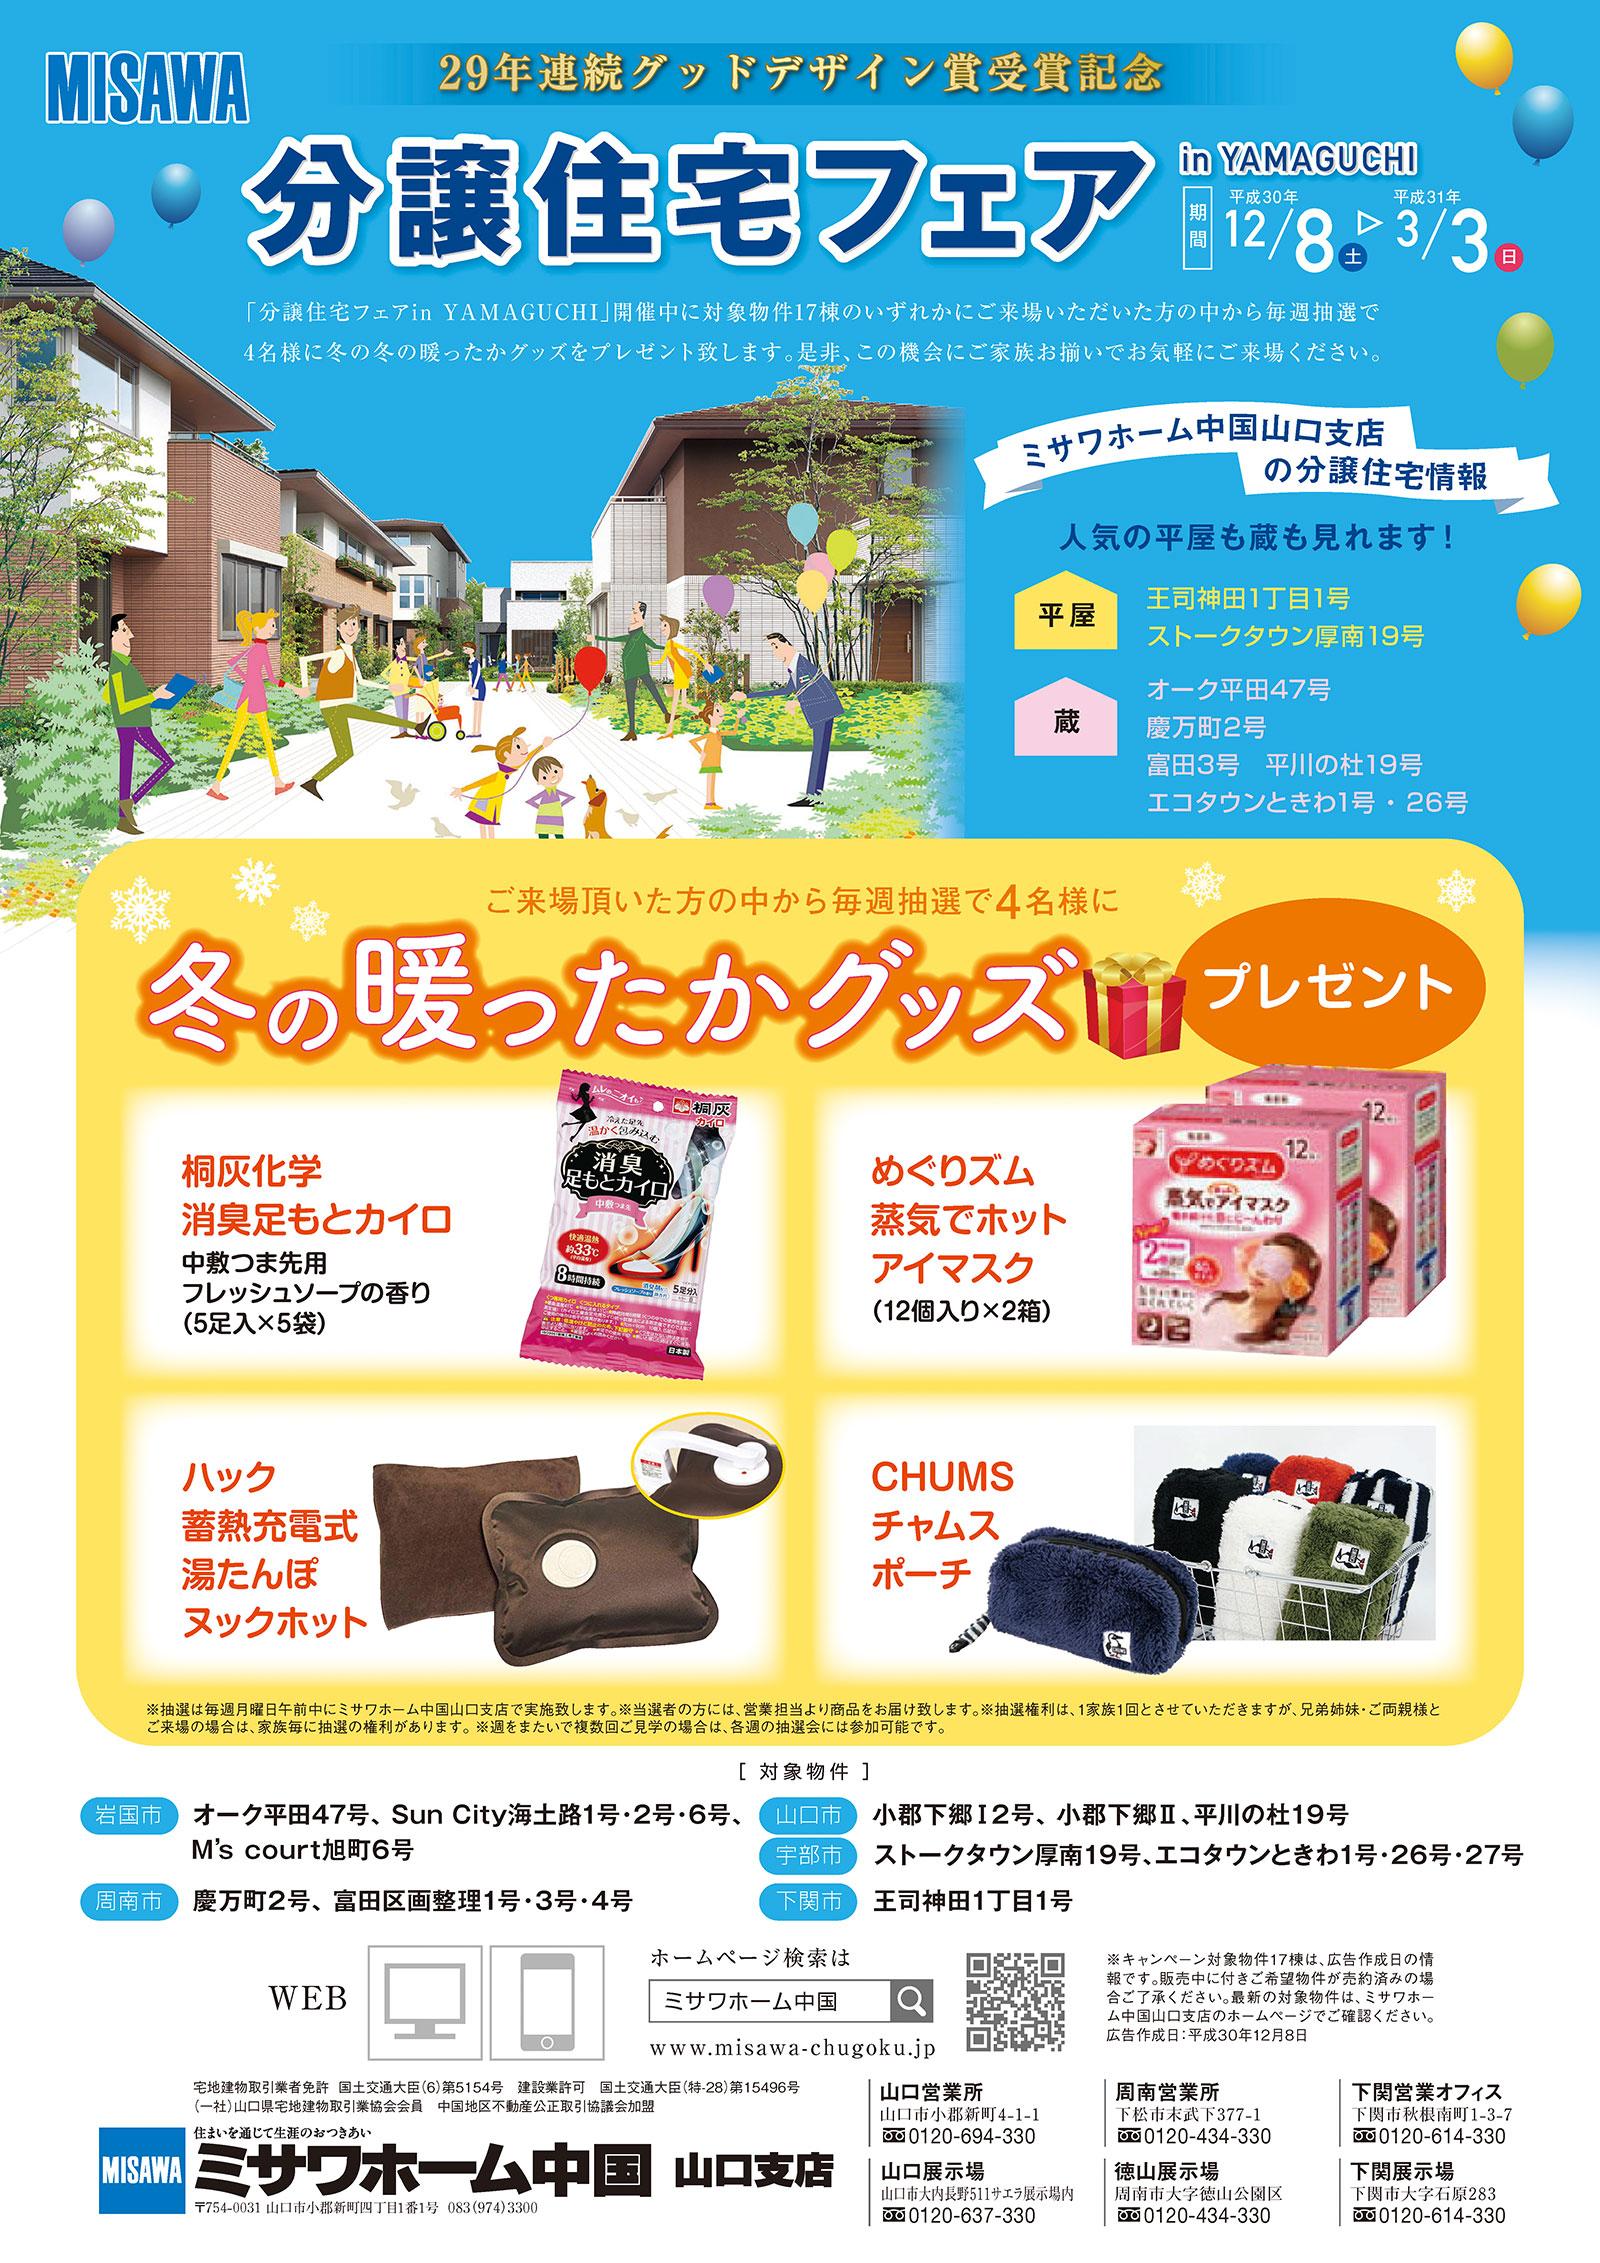 画像:「分譲住宅フェア in YAMAGUCHI」12/8~3/3